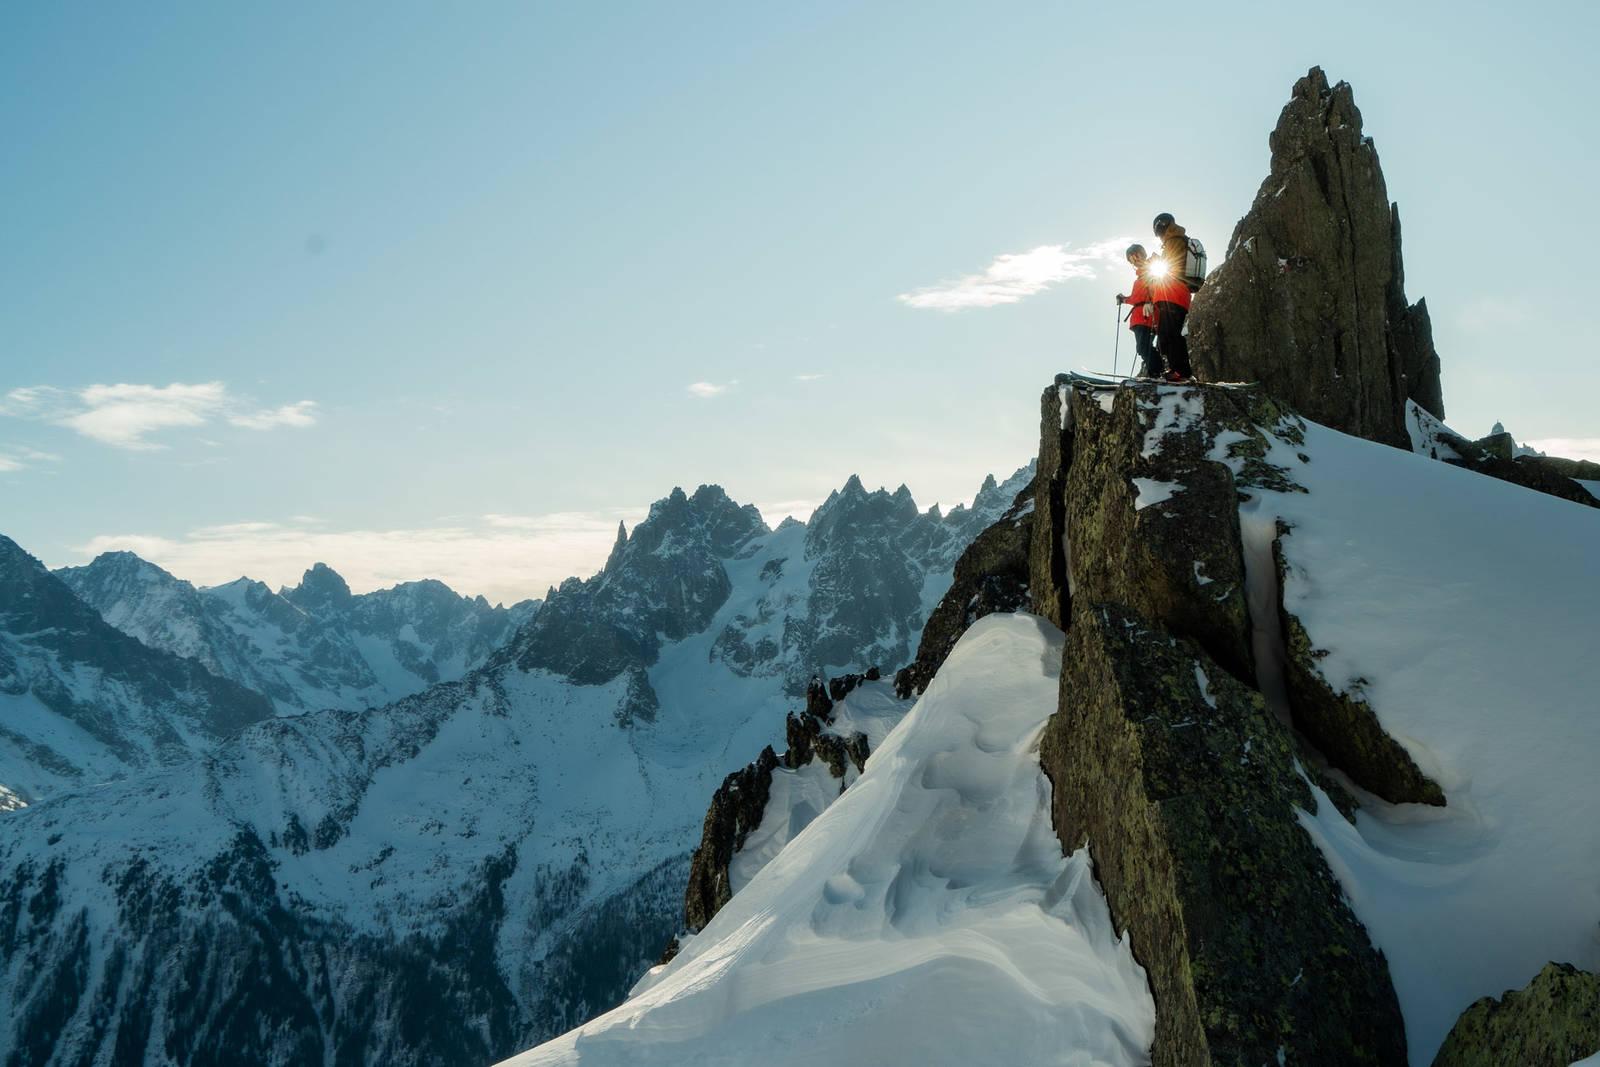 Brevent Chamonix Stian Hagen Skiing Mt. Blanc